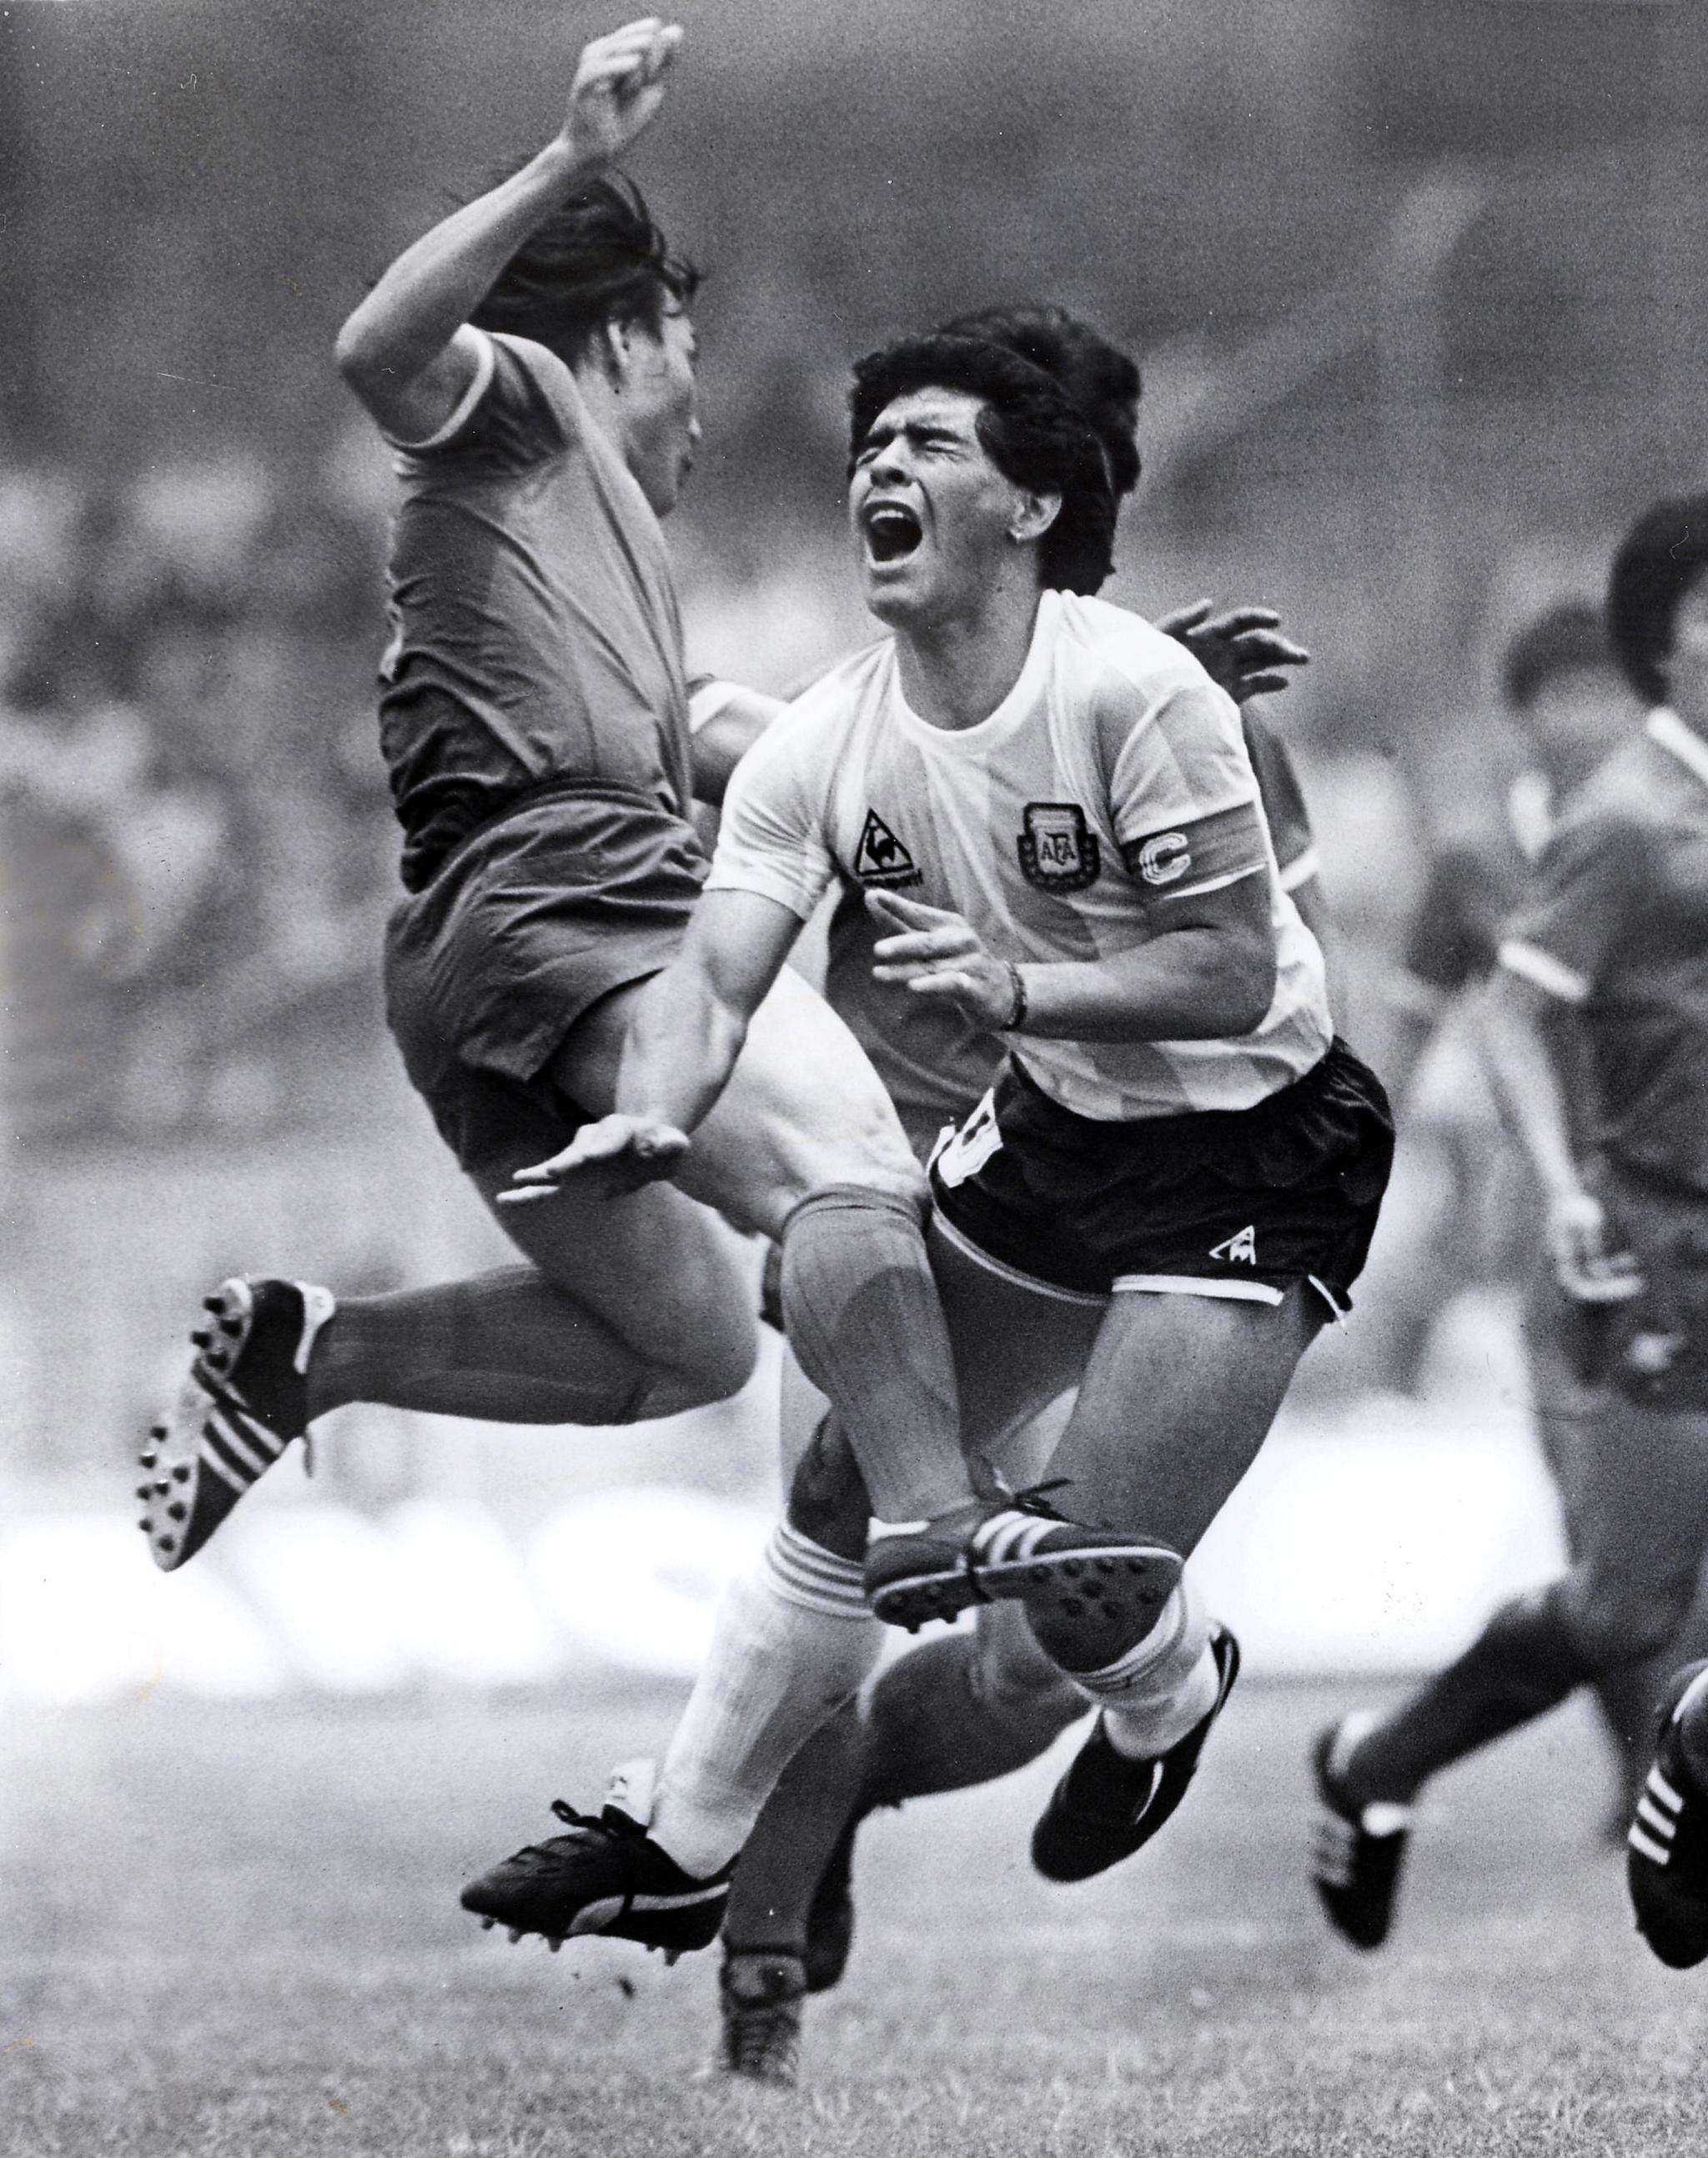 아르헨티나의 축구의 전설 디에고 마라도나가 25일 심장마비로 향년 60세로 별세했다. 사진은 1986년 멕시코 월드컵 한국과 아르헨티나전에서 허정무가 마라도나를 거칠게 수비하는 모습.[연합뉴스]